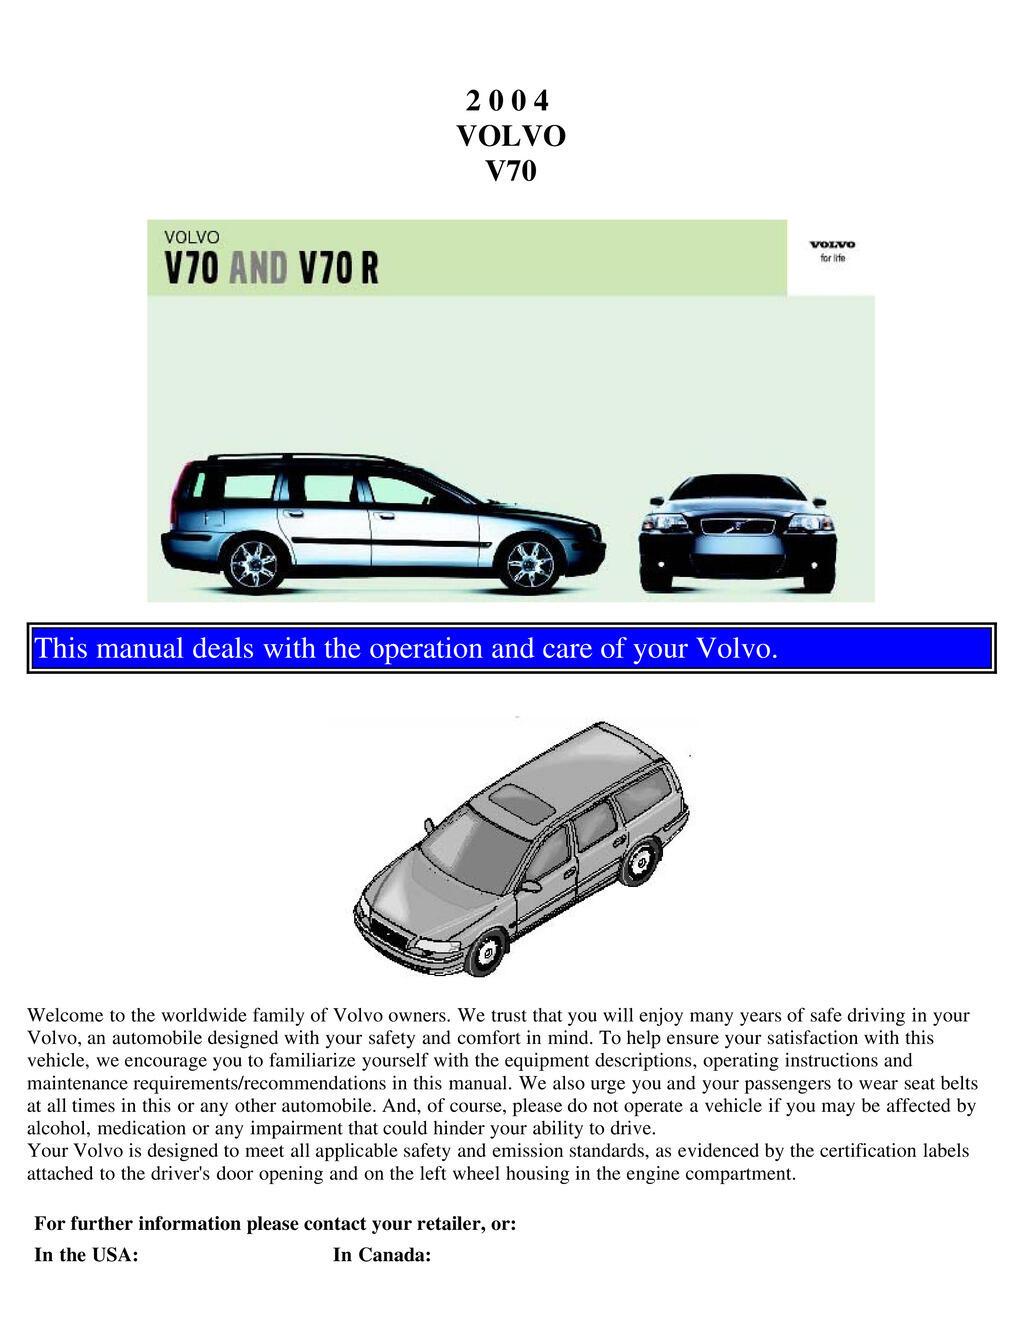 2004 Volvo V70 V70r owners manual